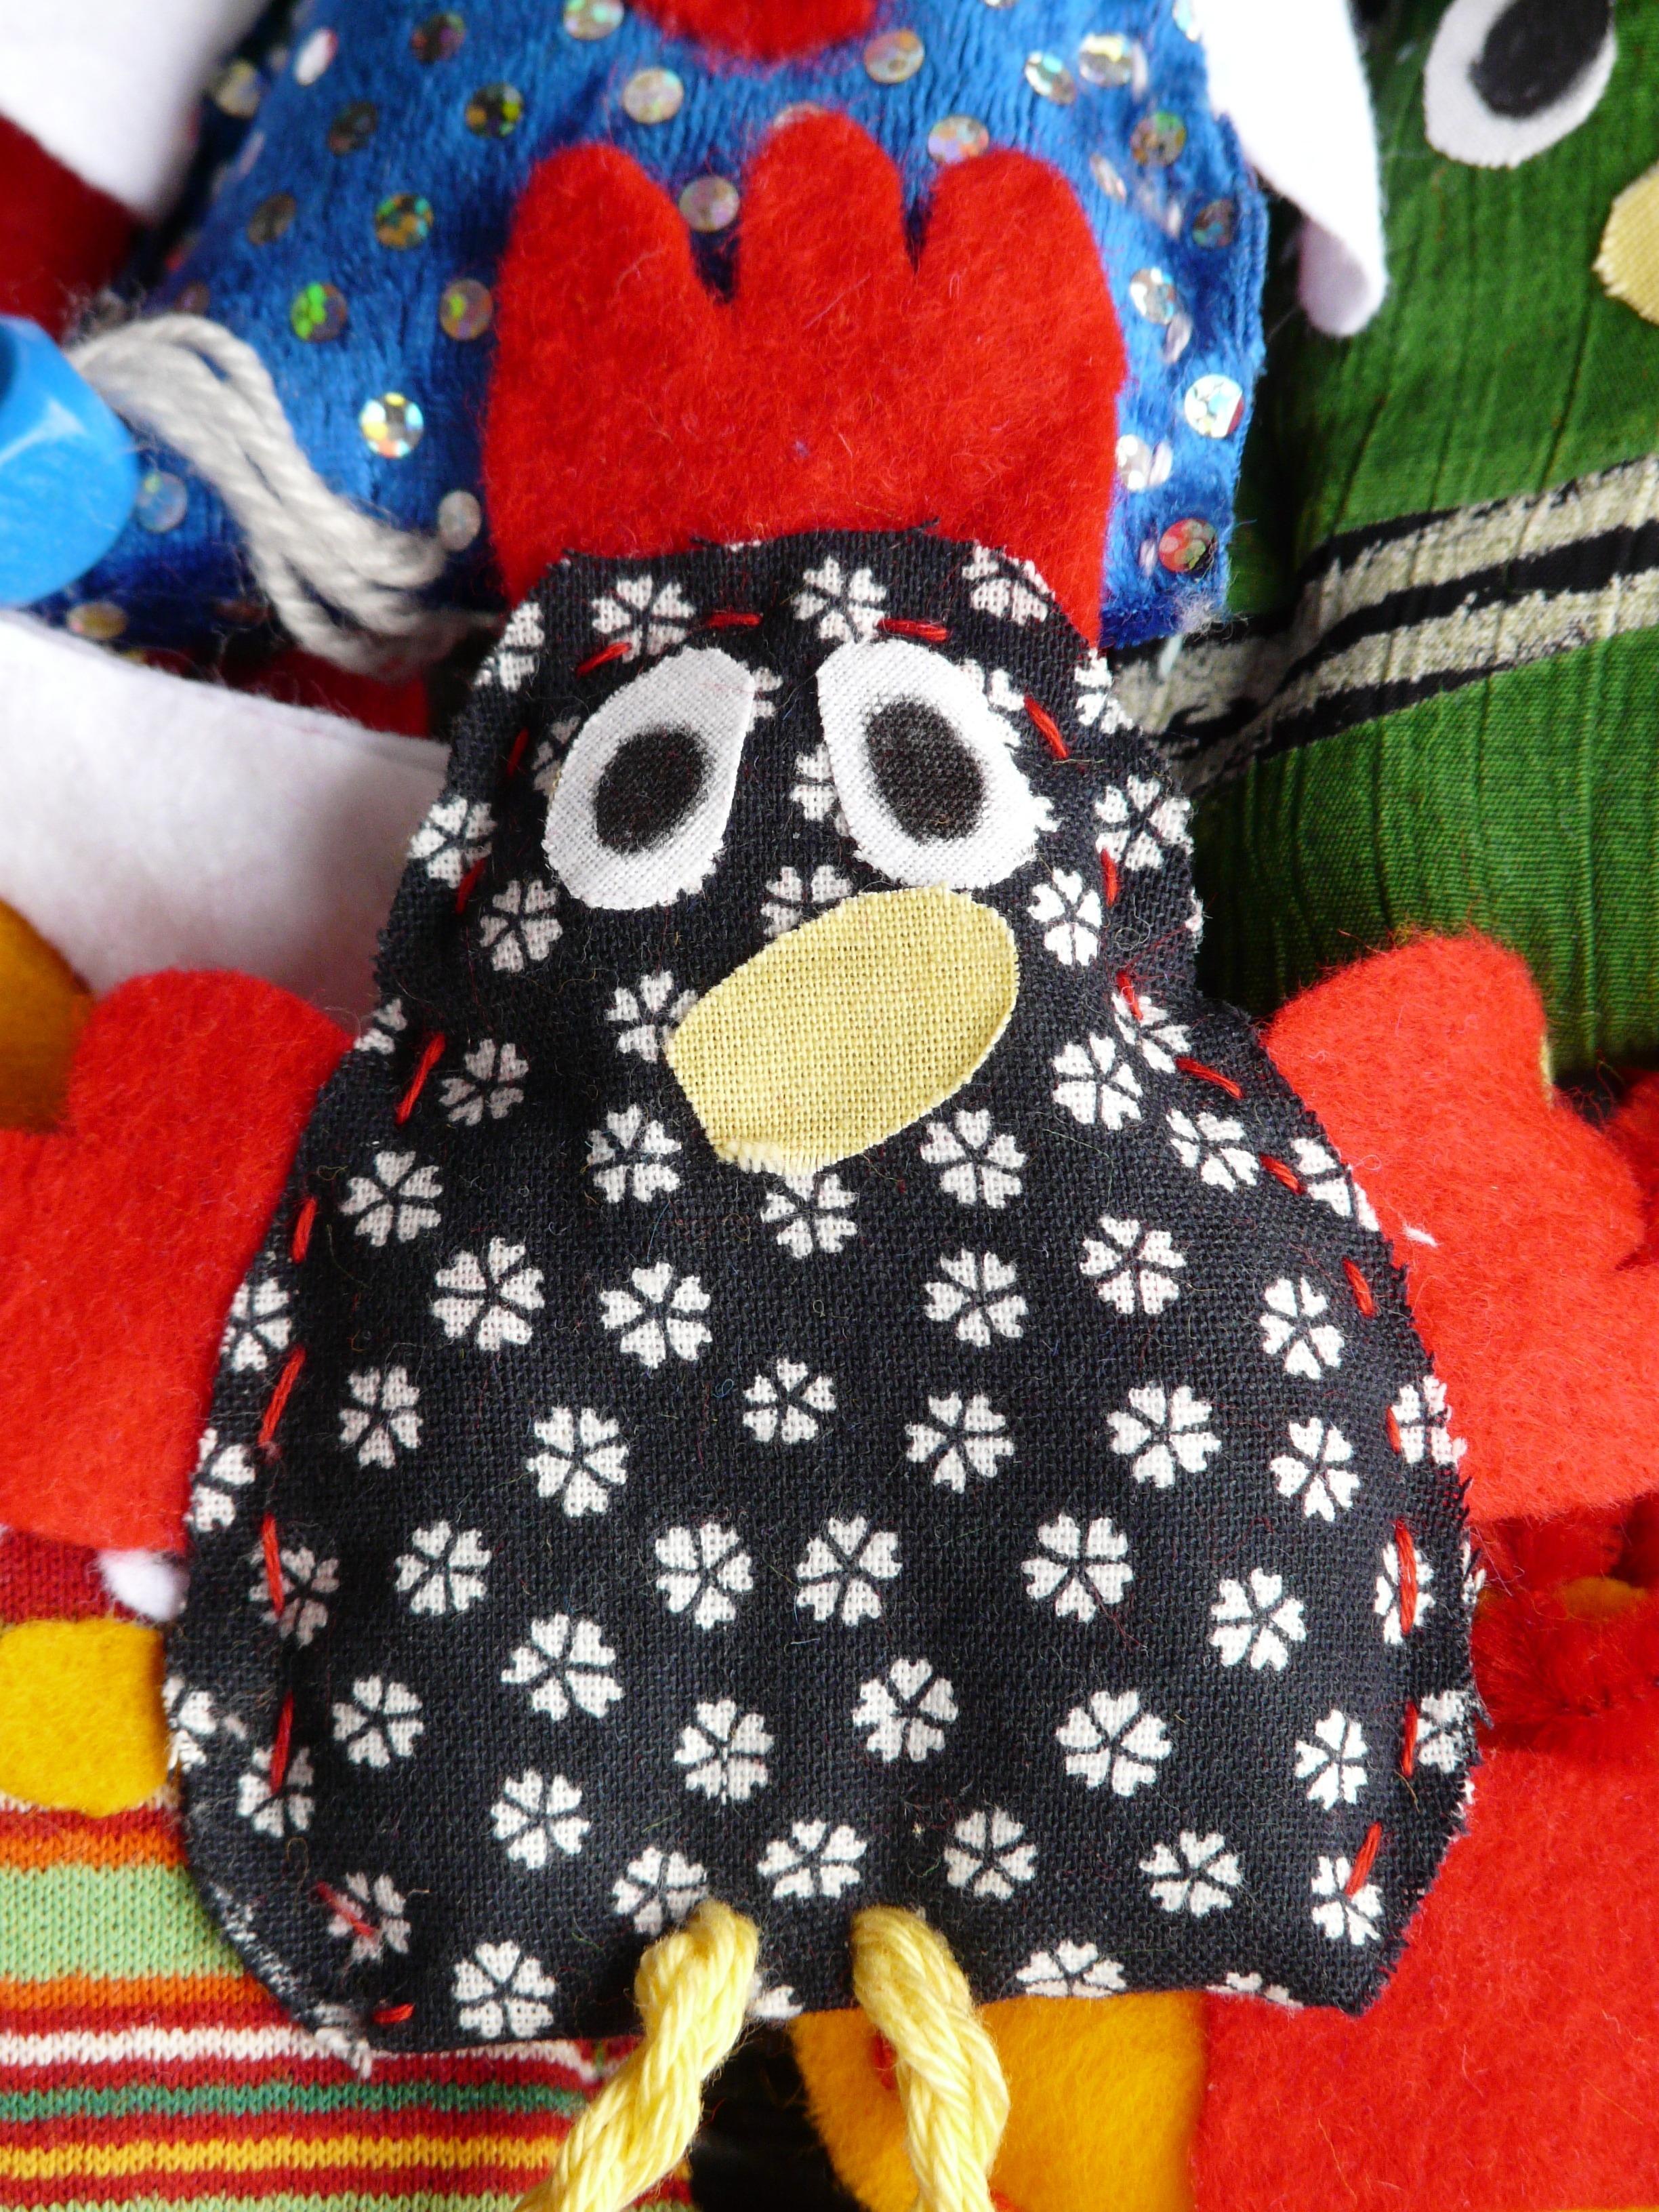 Fotos gratis : pájaro, patrón, color, vistoso, juguete, pollo, tela ...